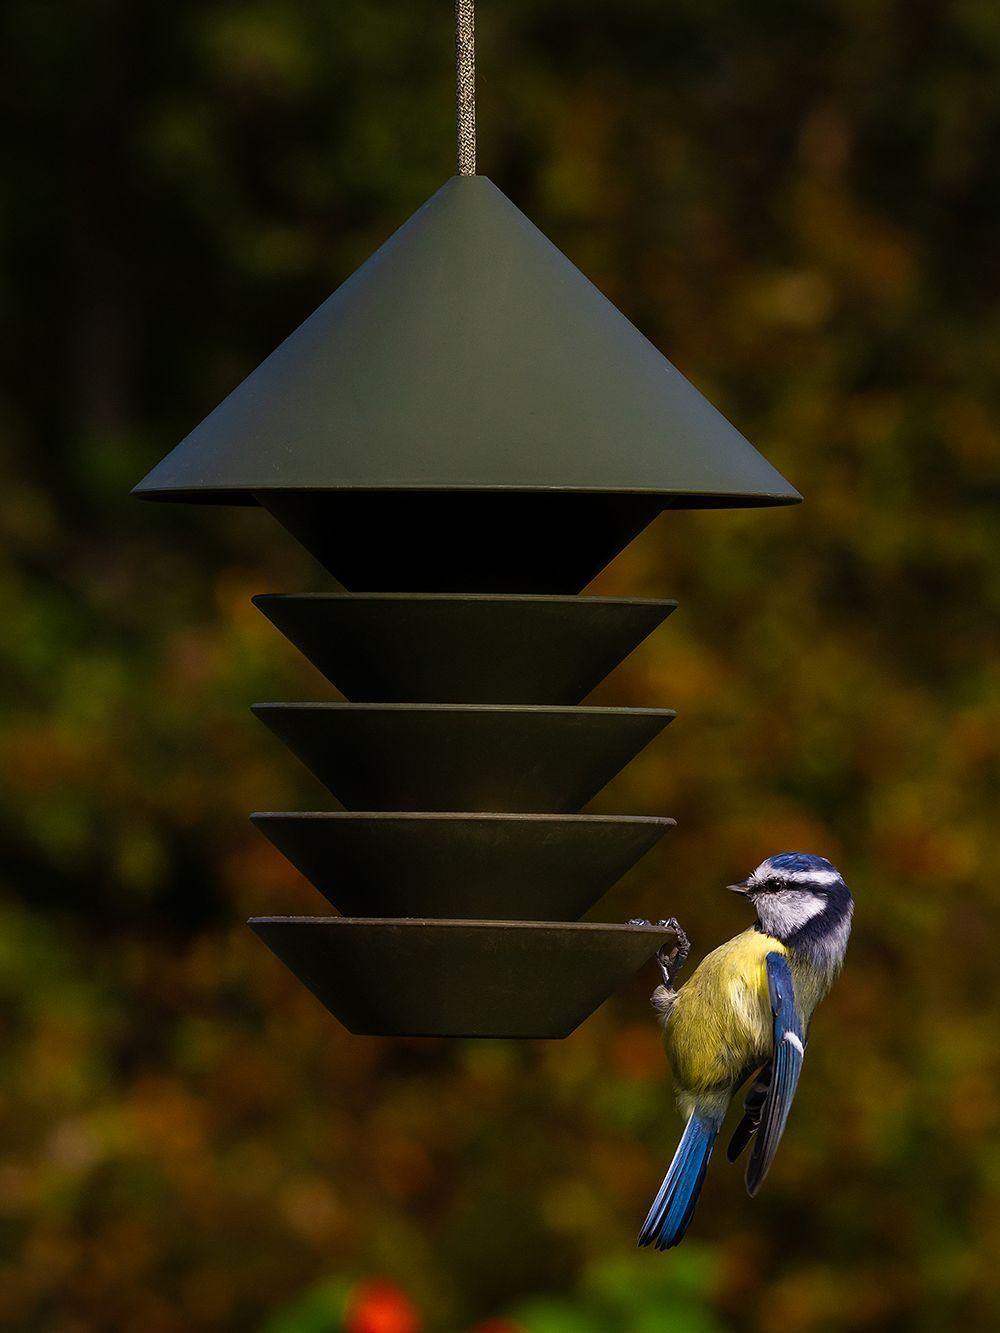 Bird Silo bird feeder, green